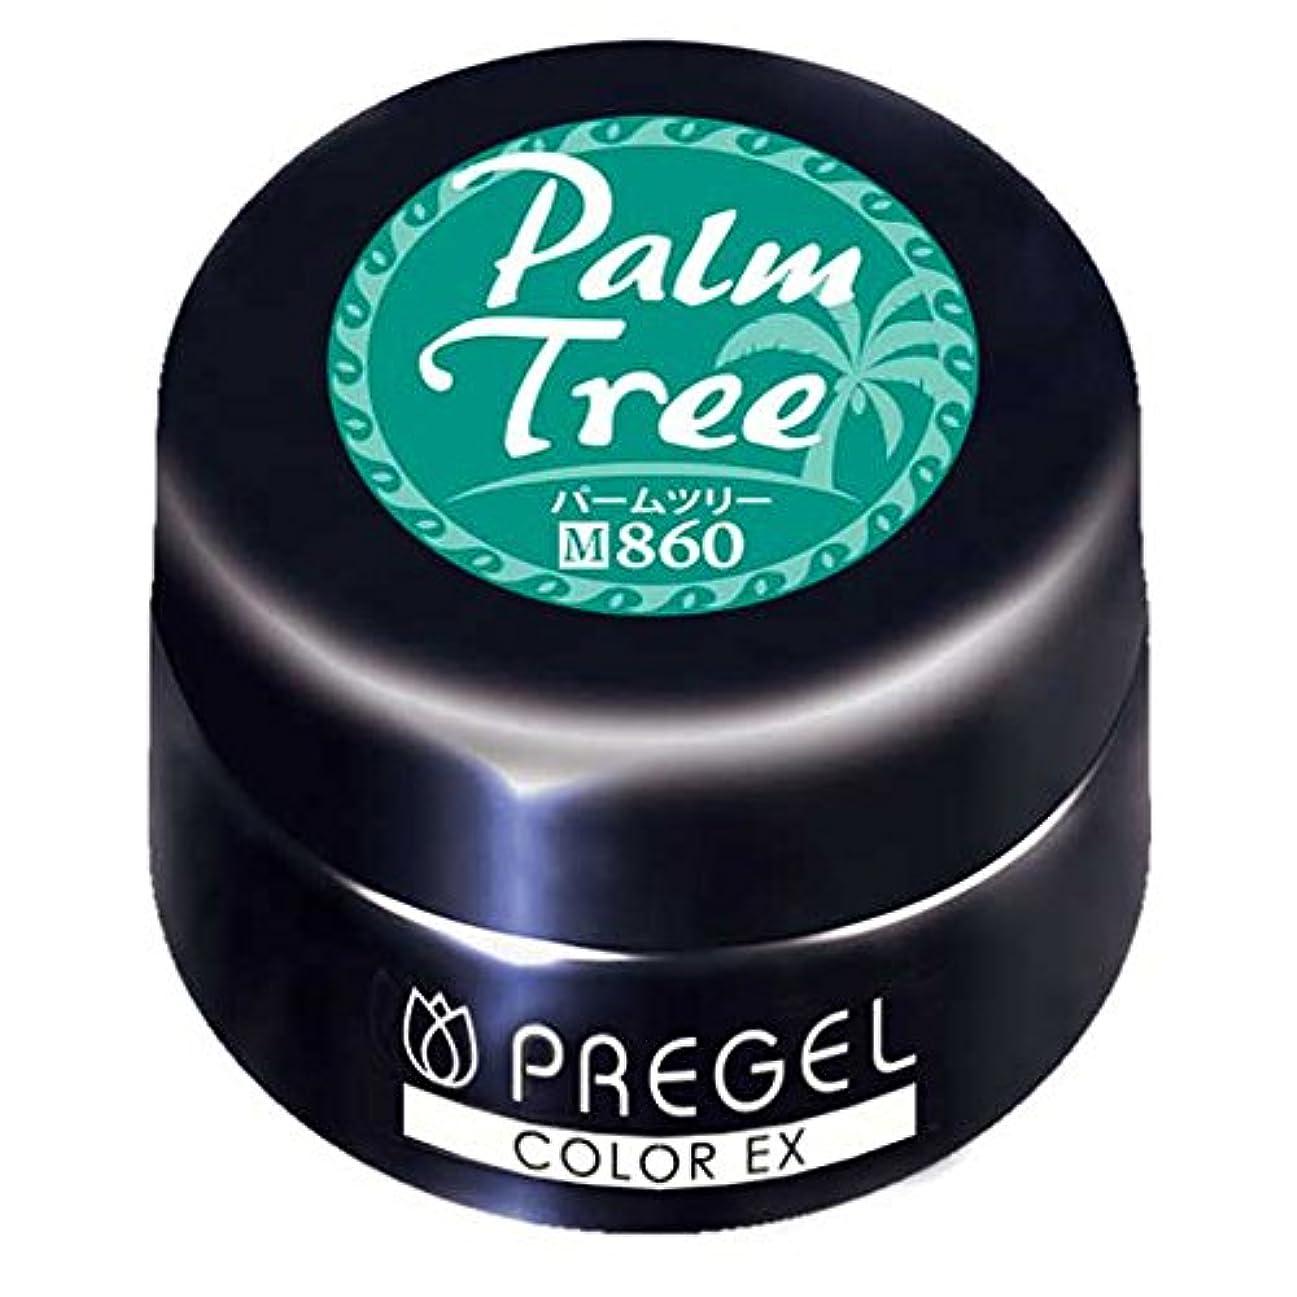 健康的広い開発するPRE GEL カラーEX パームツリー 860 3g UV/LED対応